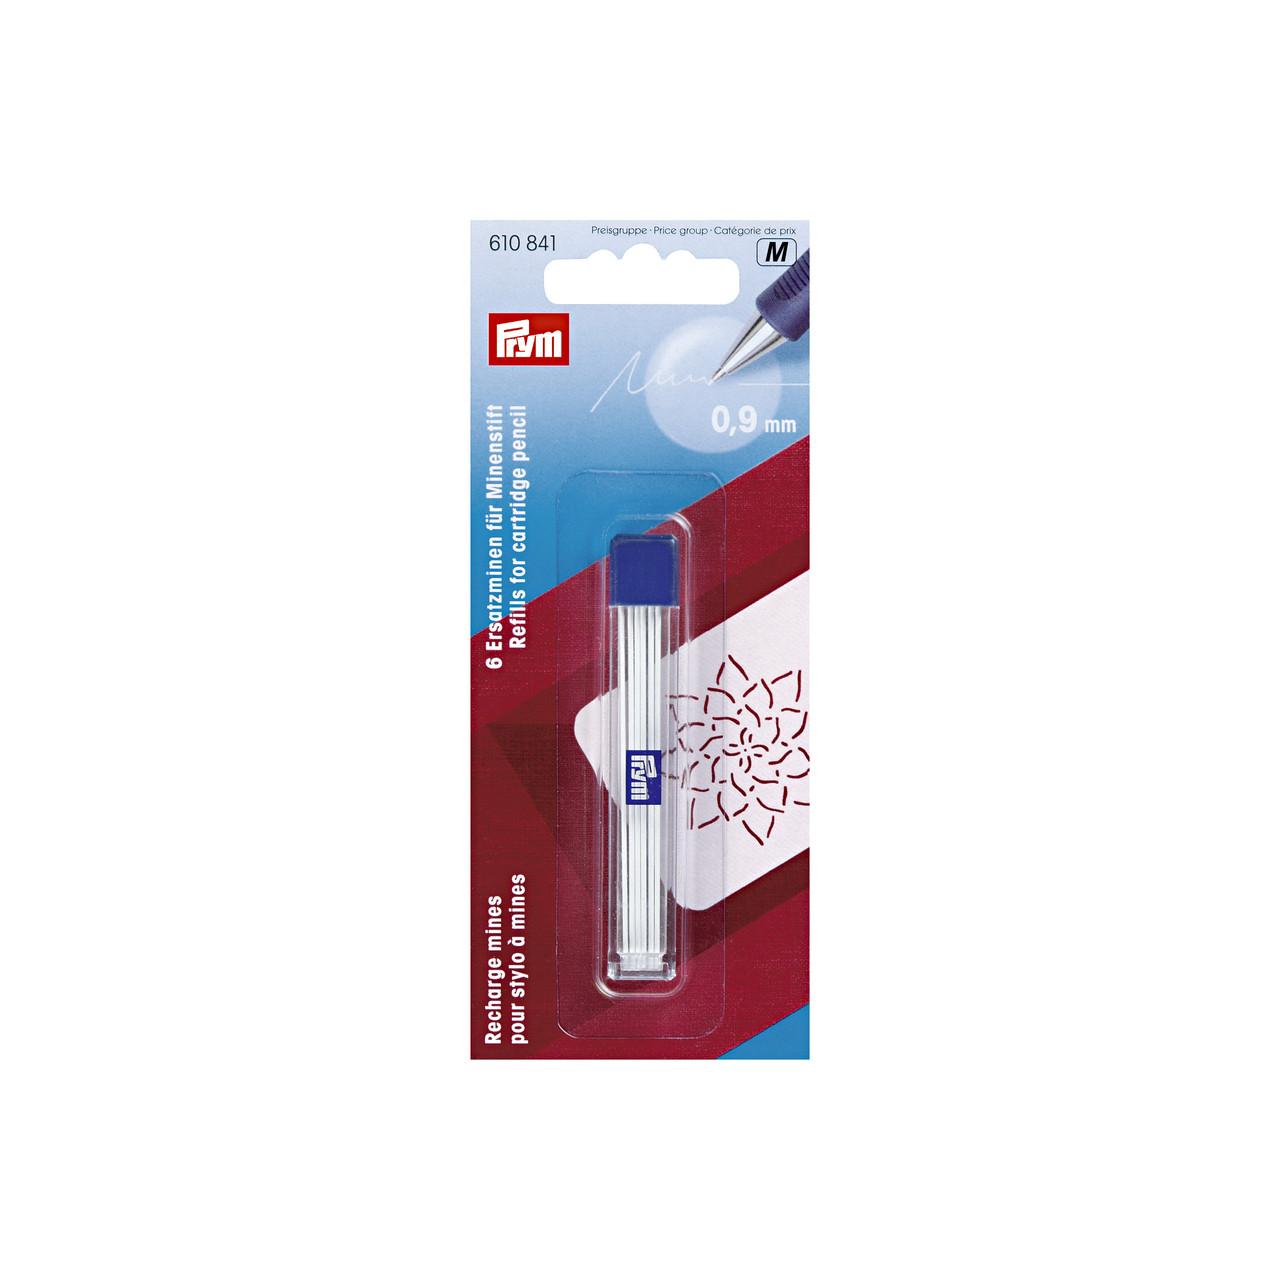 Запасные грифели для механического карандаша, диаметр 0,9 мм Prym 610841